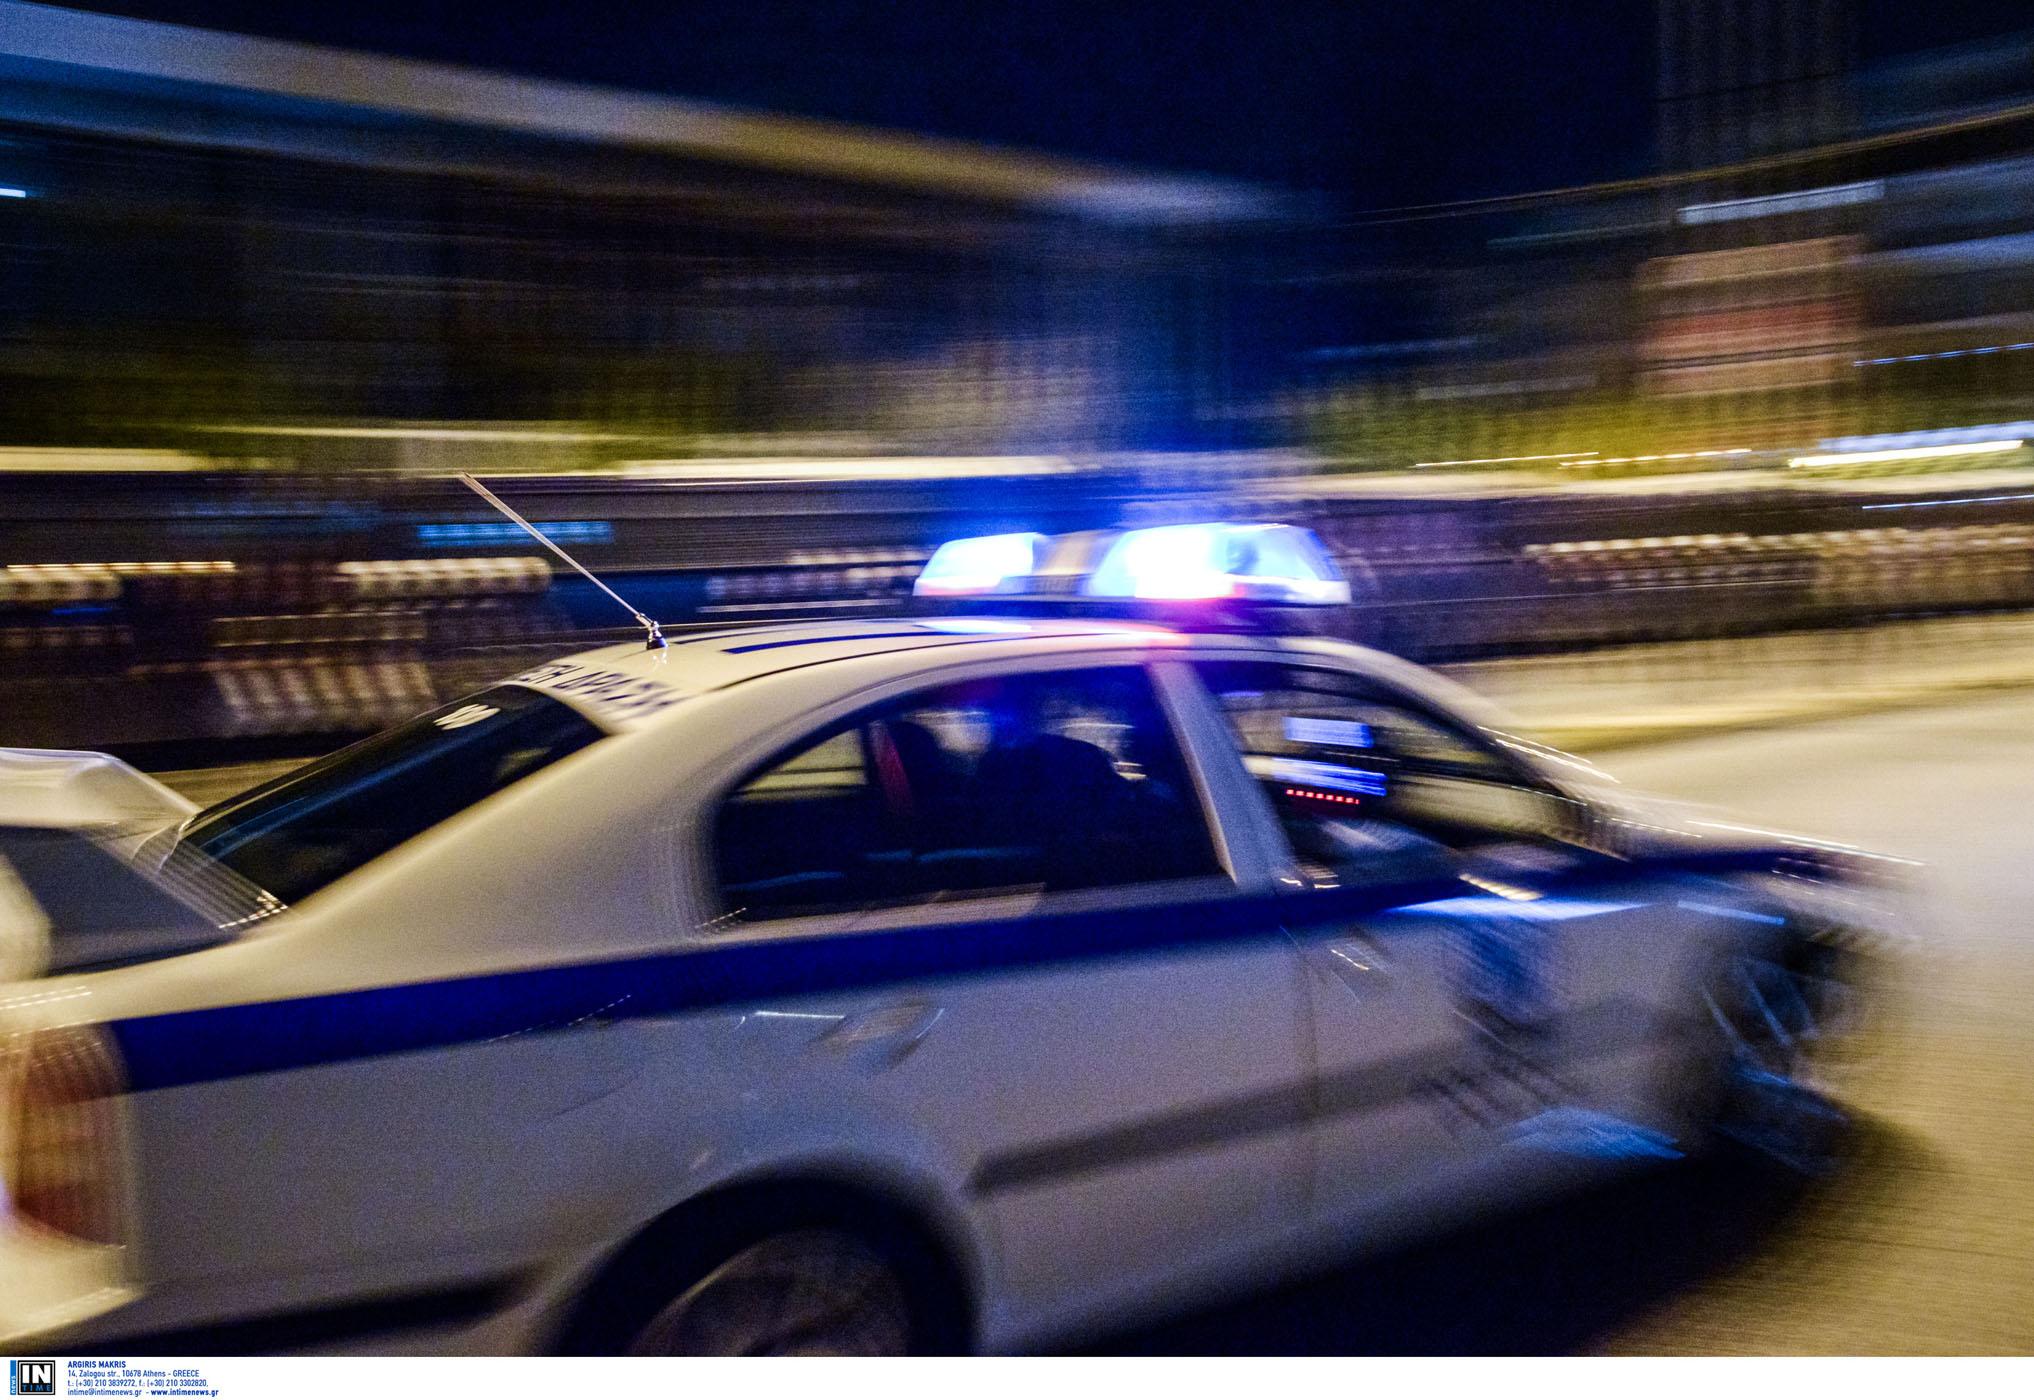 Εφιάλτης για 22χρονη στην Αγία Παρασκευή: Την γνώρισε μέσω Facebook και τη βίασε